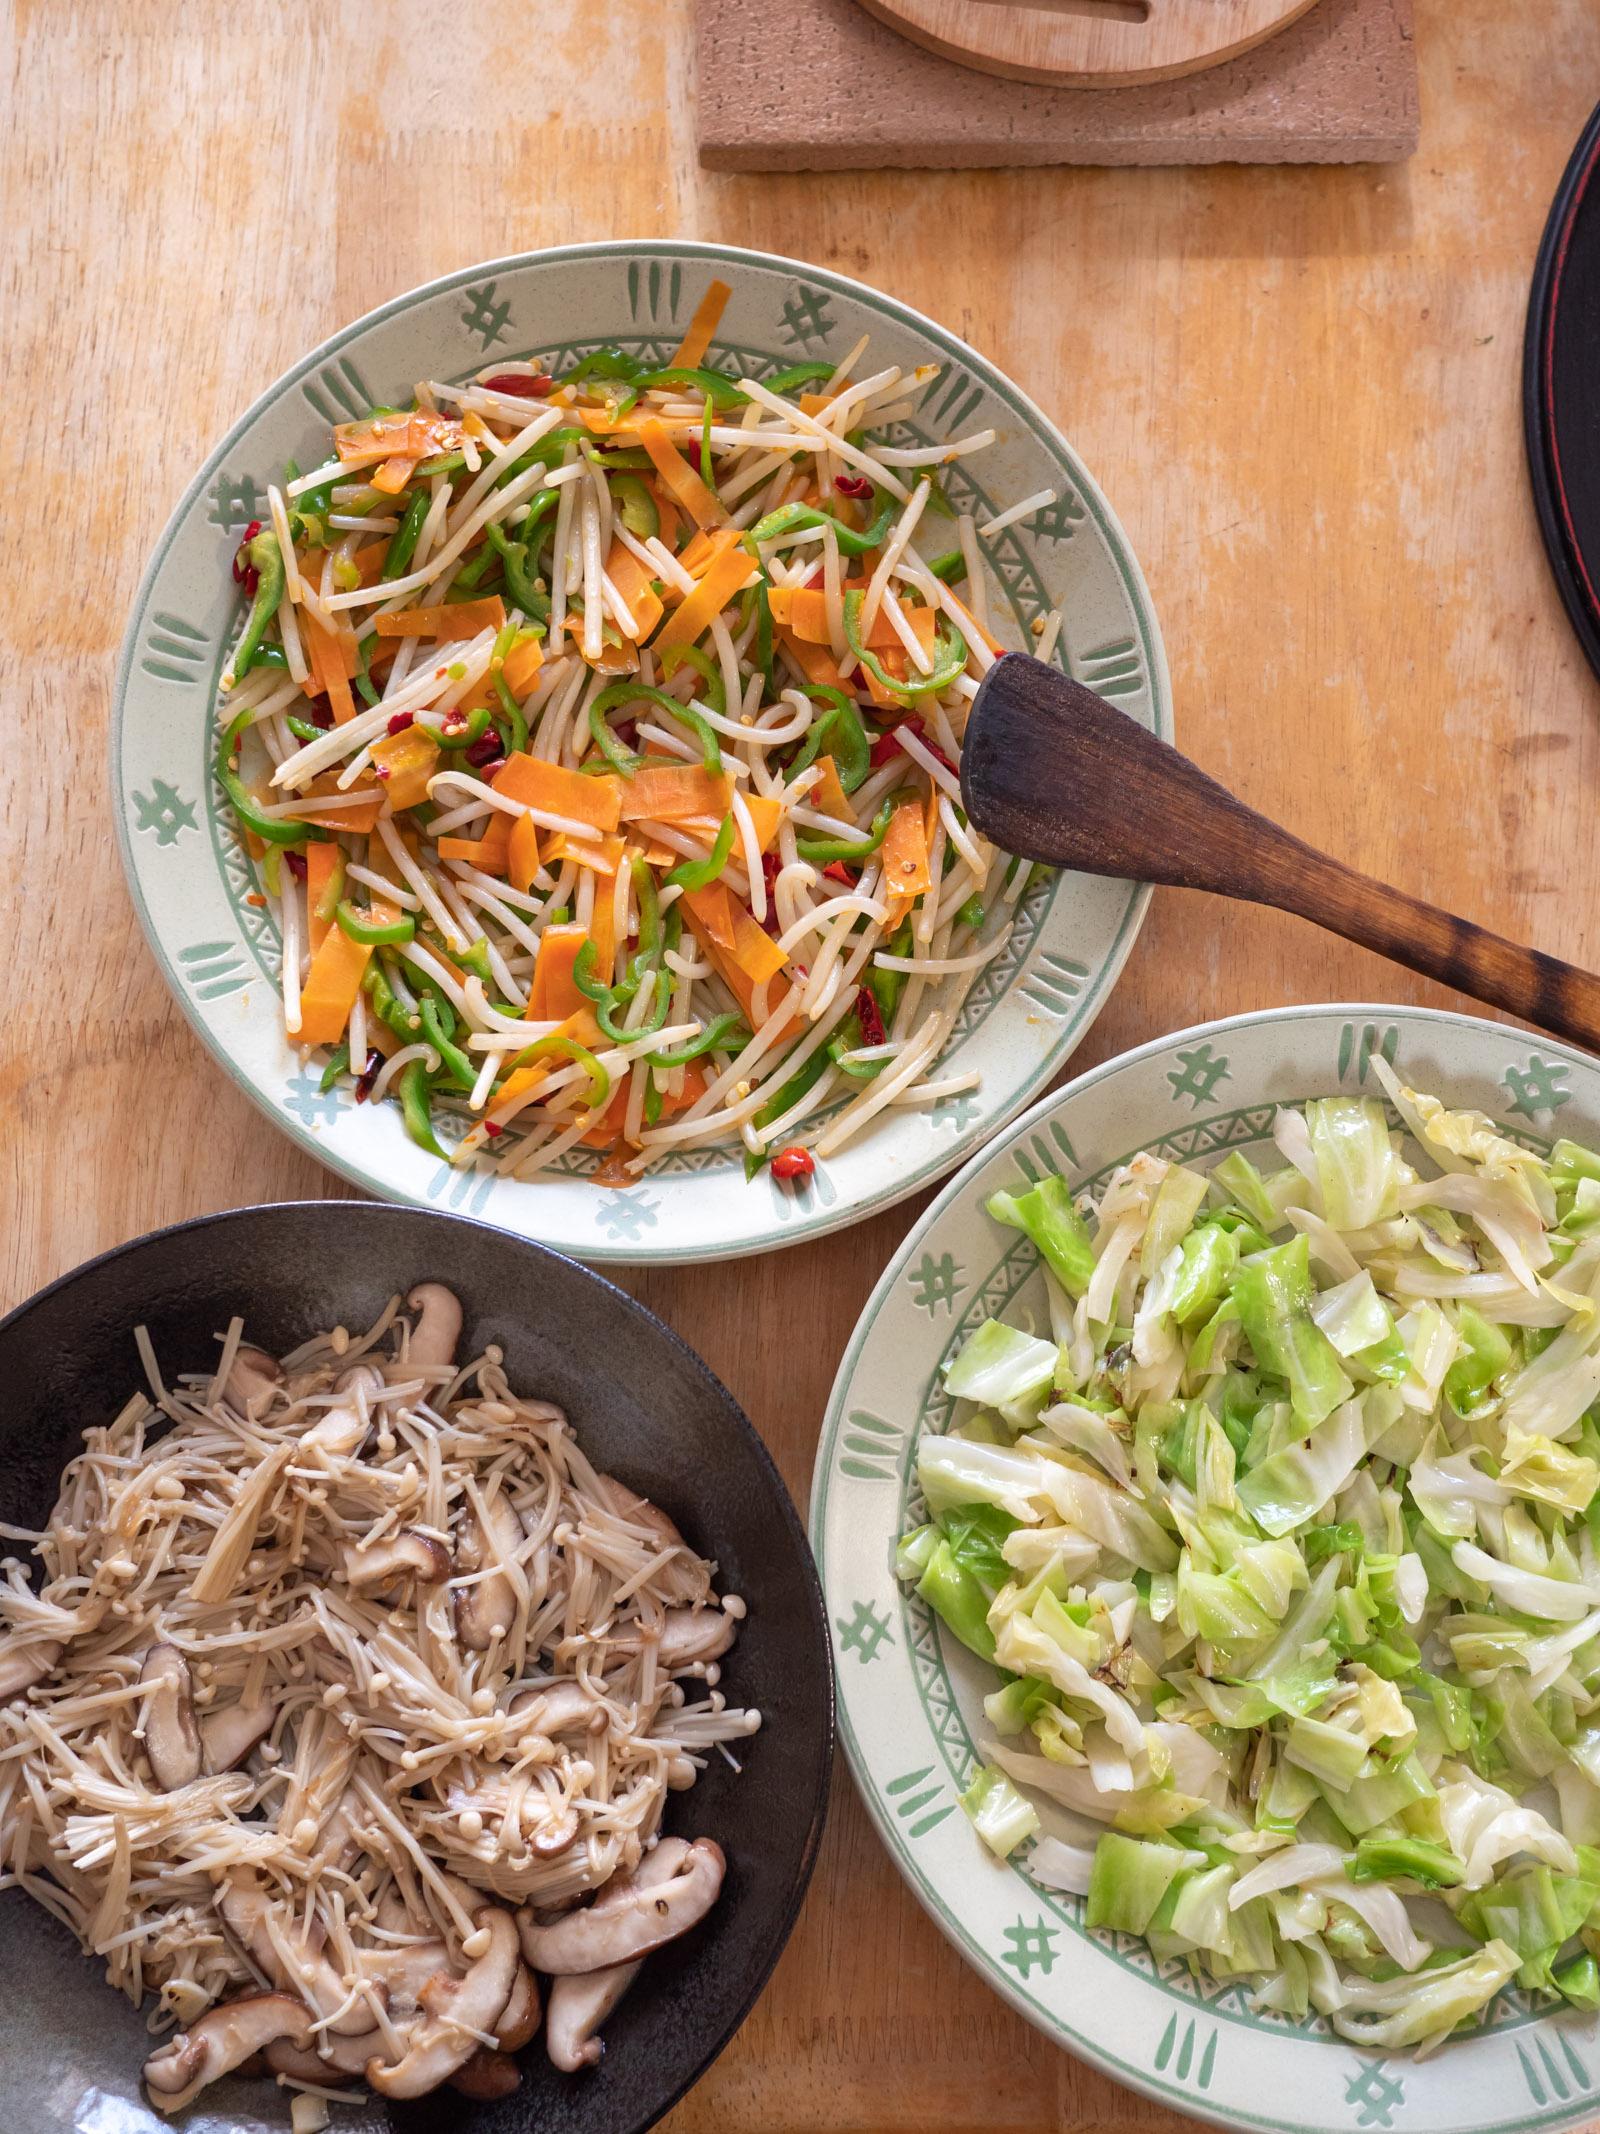 作りおきの惣菜3種(もやし炒め、お花見キャベツ、椎茸とエノキの炒めもの)